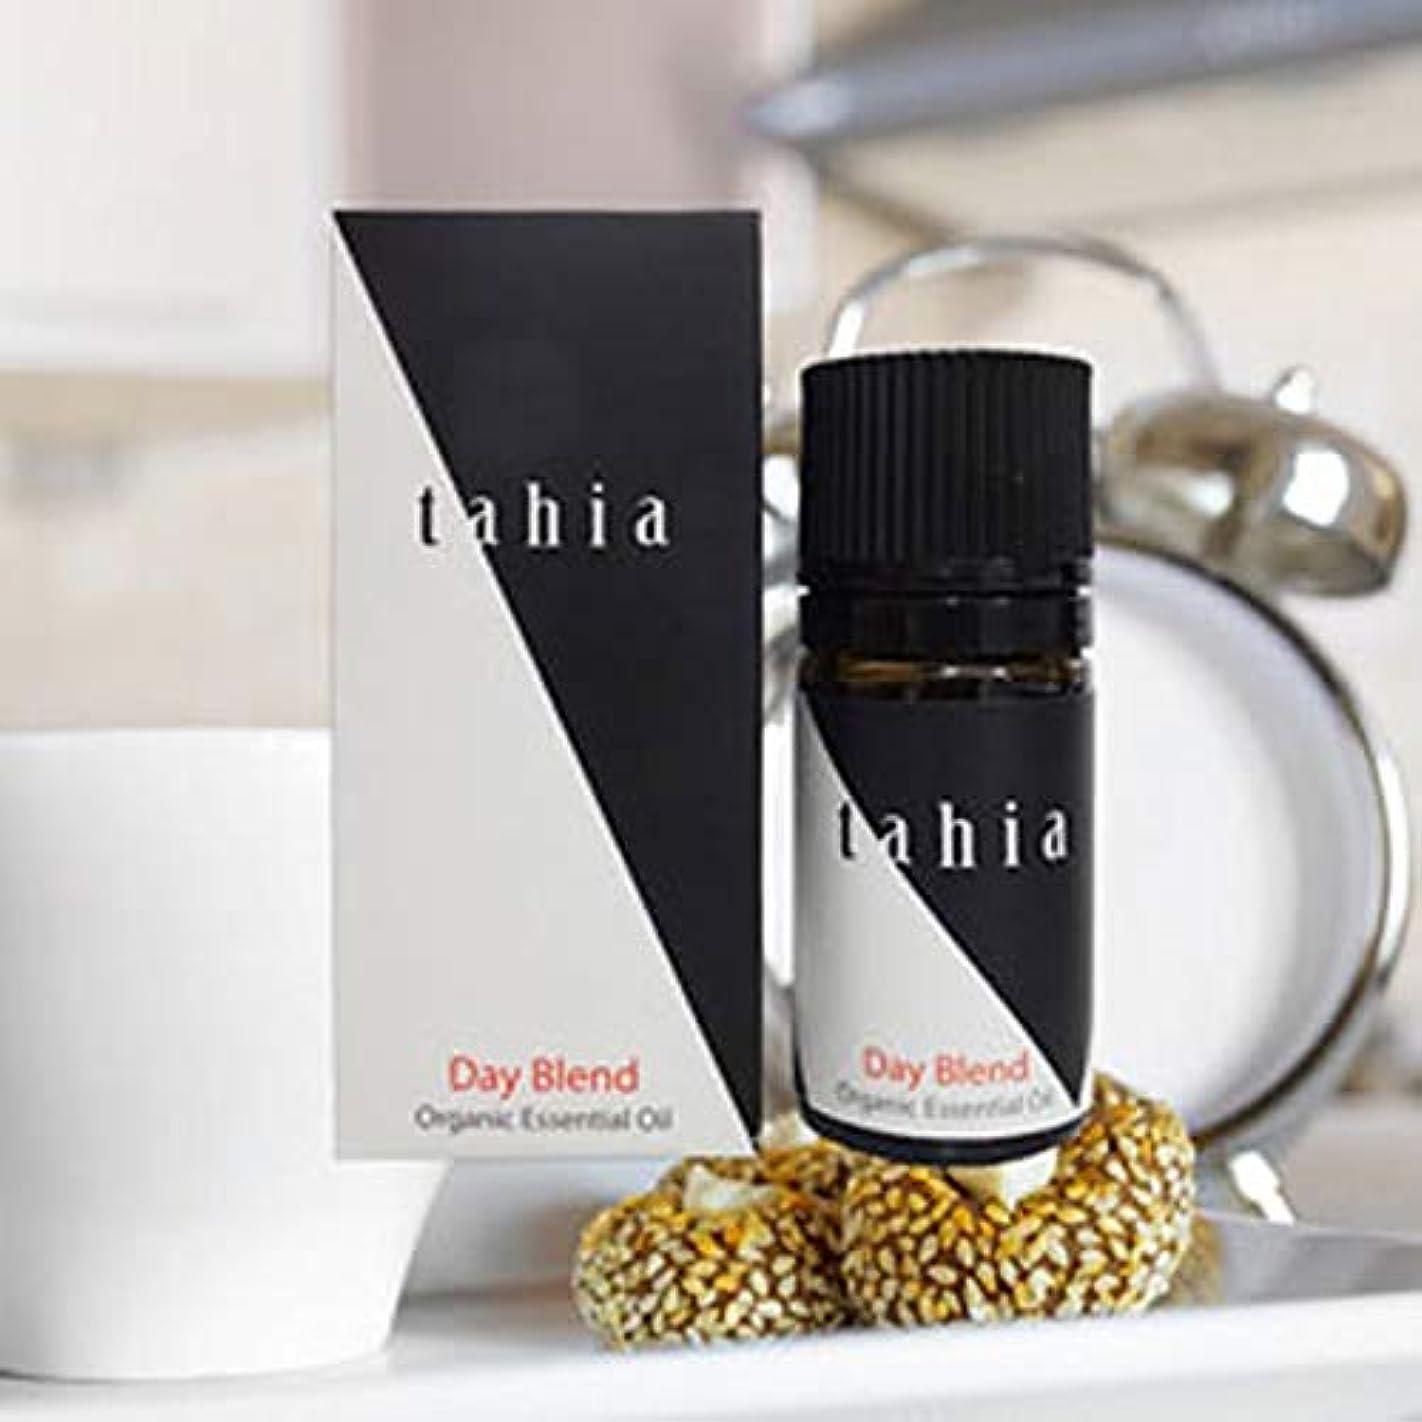 依存する生きる着陸タツフト タヒア tahia デイブレンド  エッセンシャルオイル オーガニック 芳香 精油